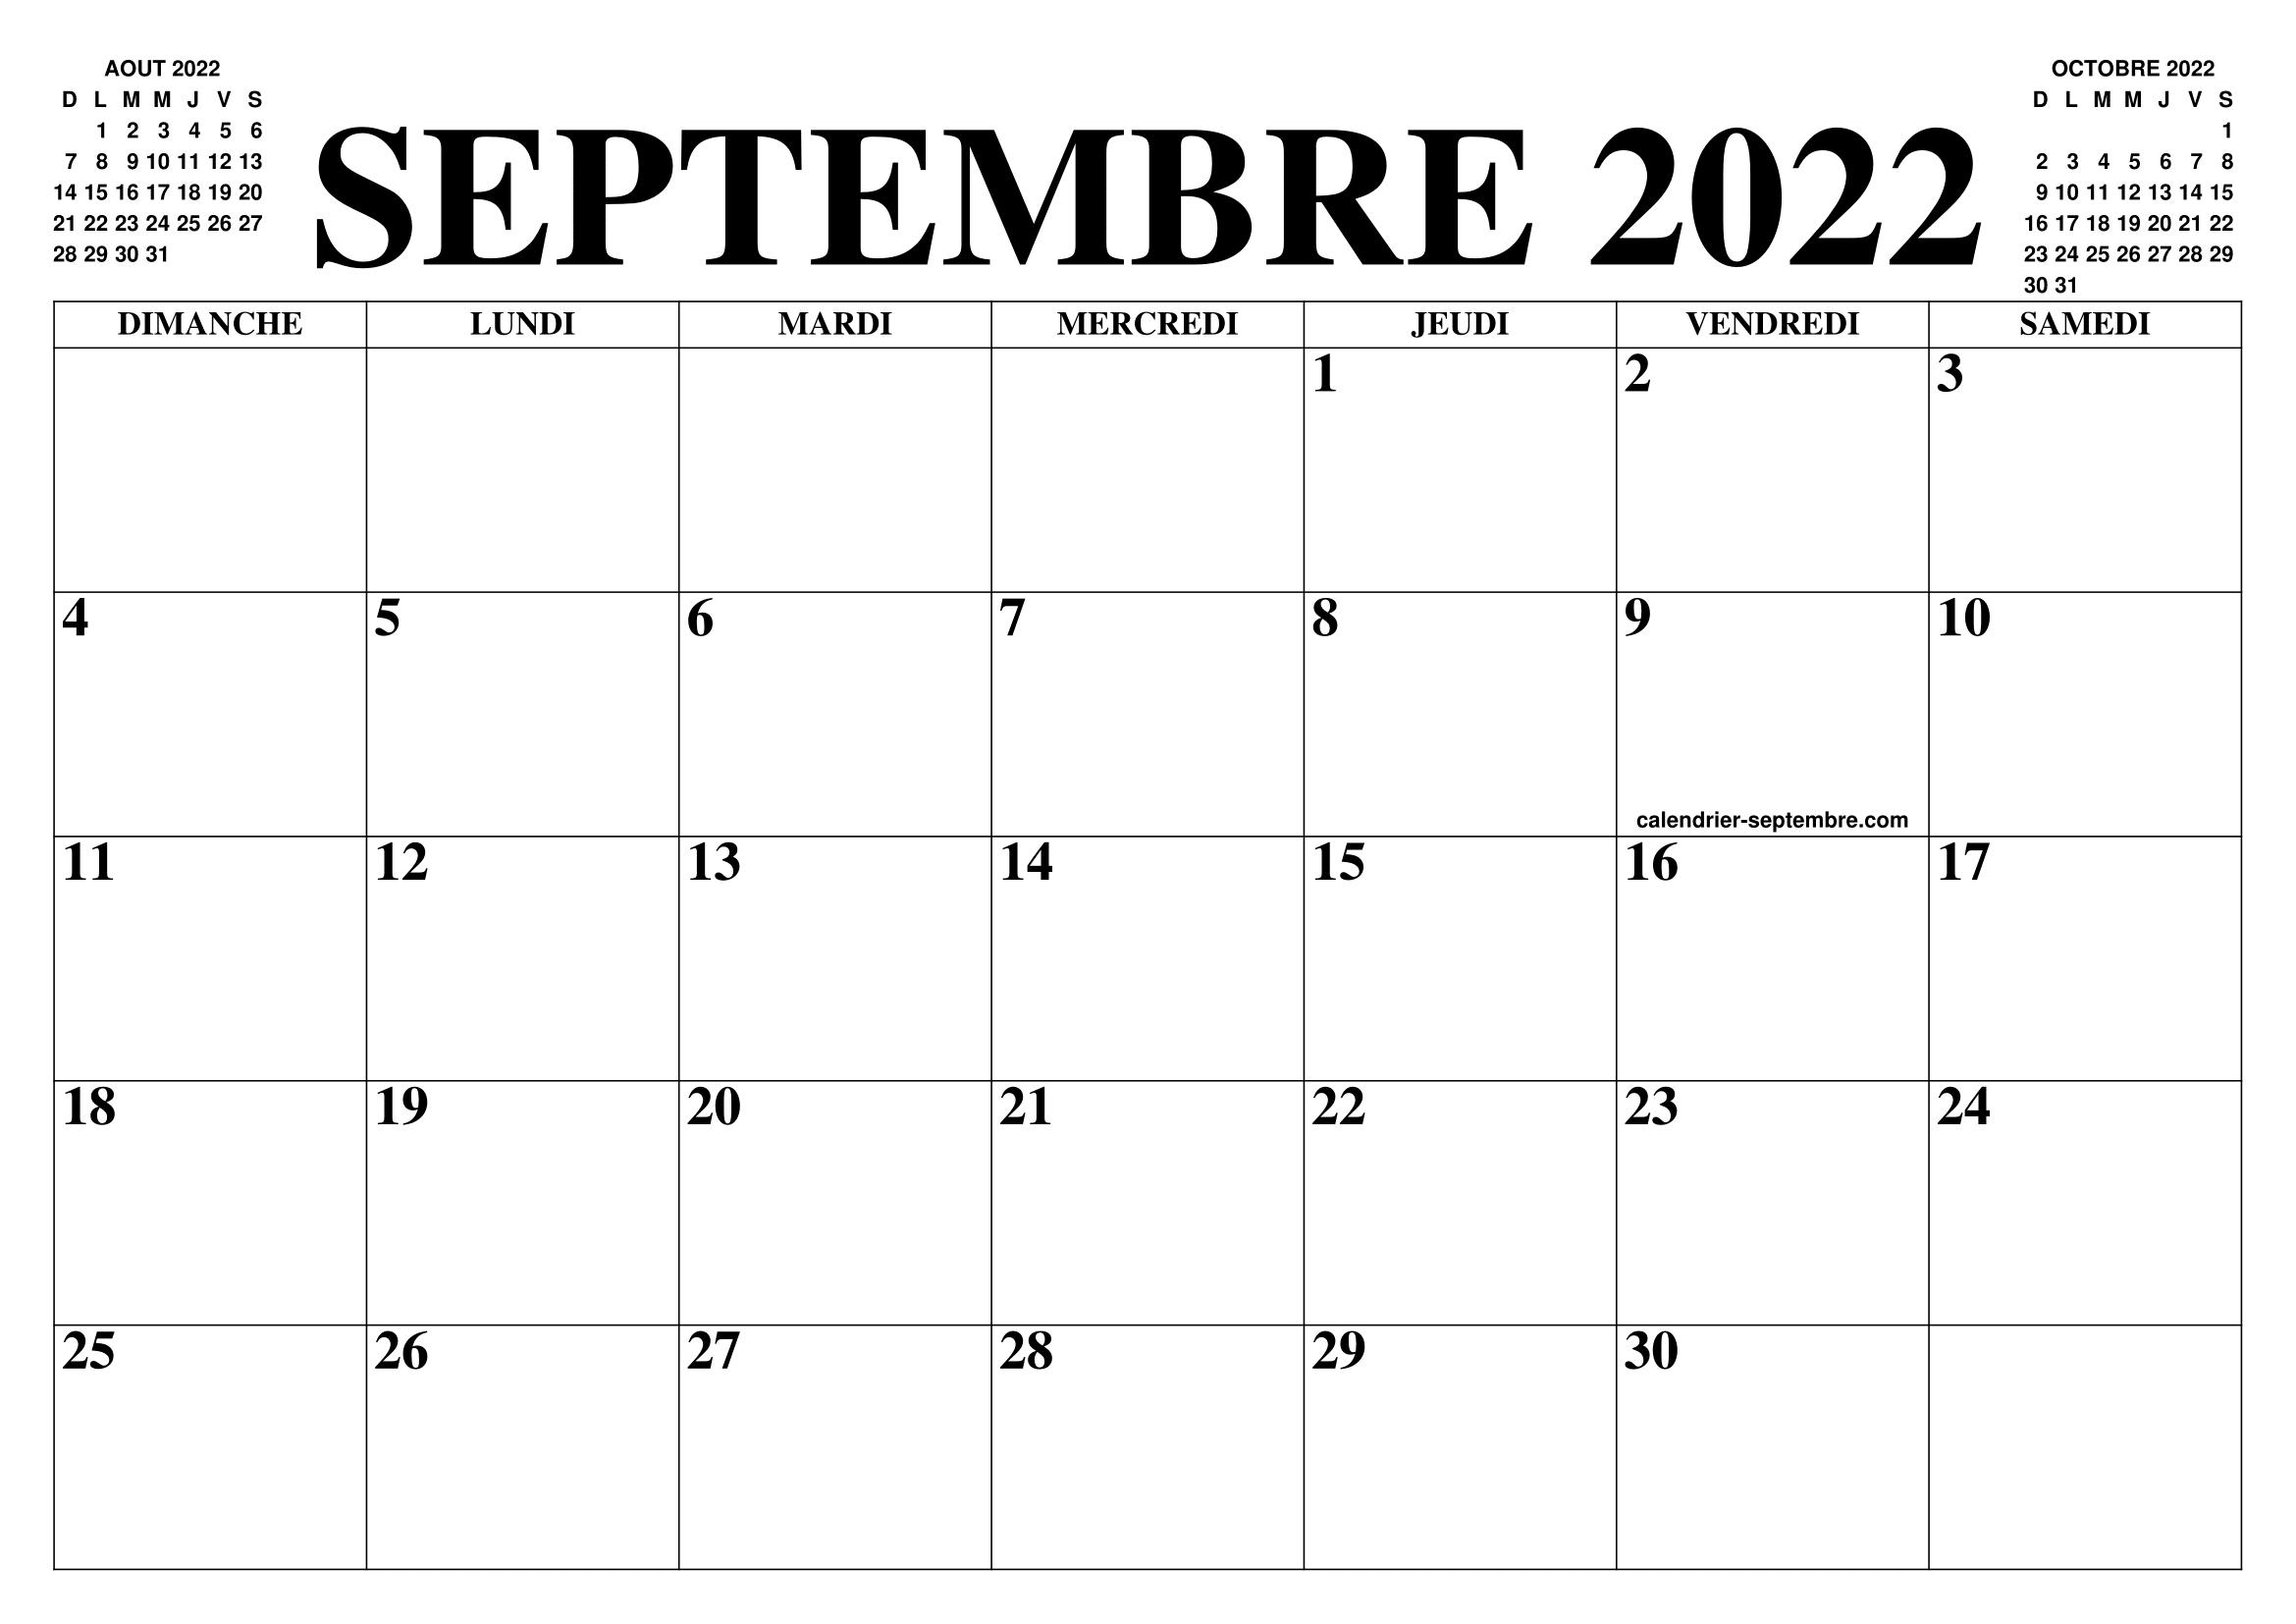 Calendrier Aout Septembre 2022 CALENDRIER SEPTEMBRE 2022 : LE CALENDRIER DU MOIS DE SEPTEMBRE